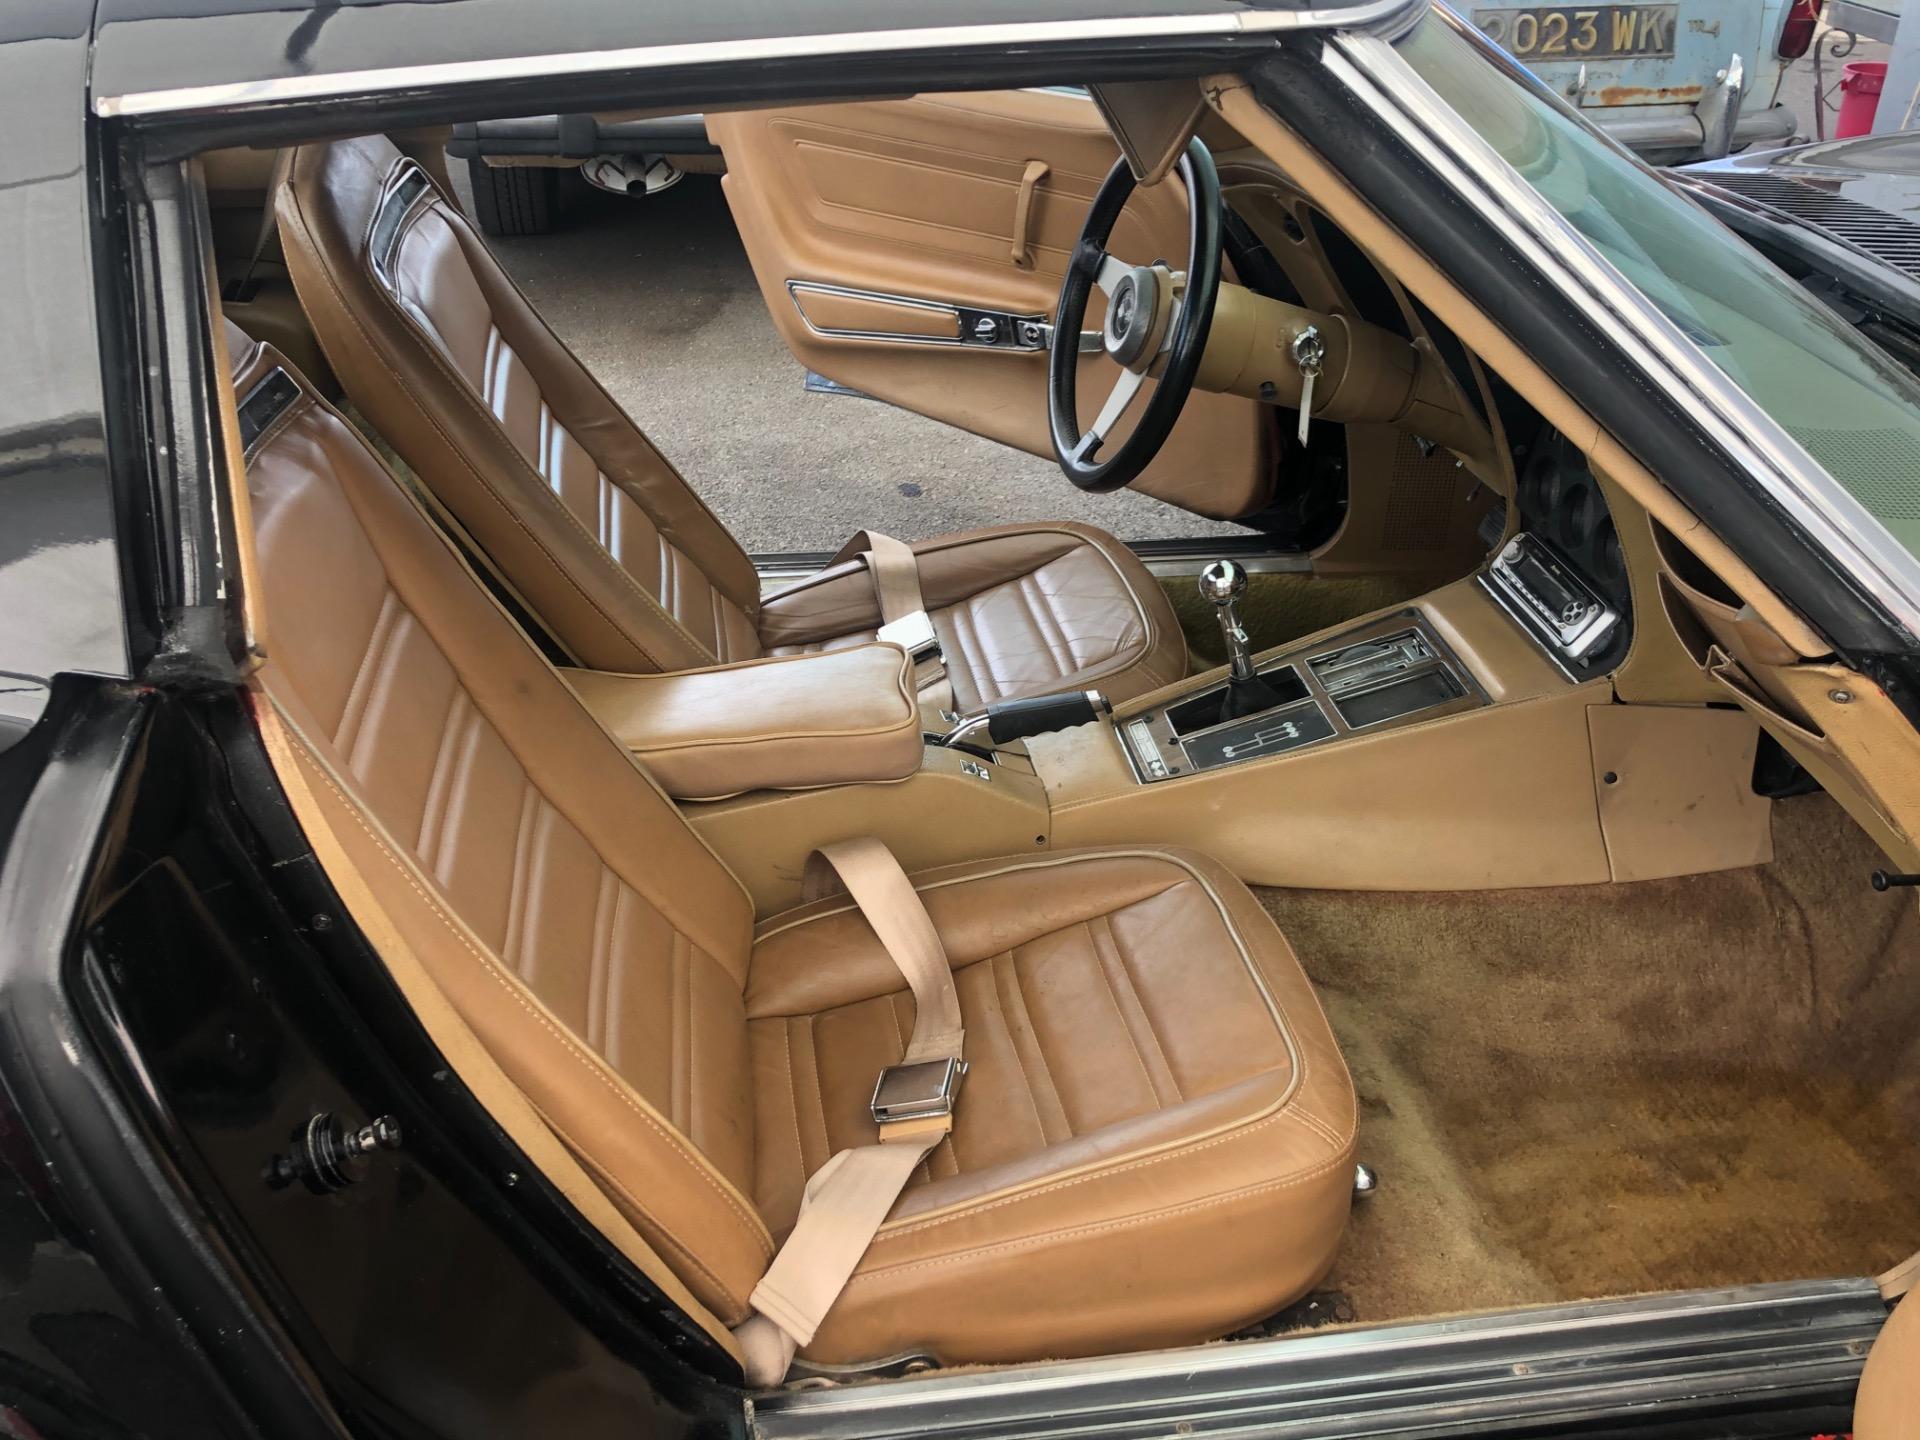 Used 1974 Chevrolet Corvette C3 Stingray